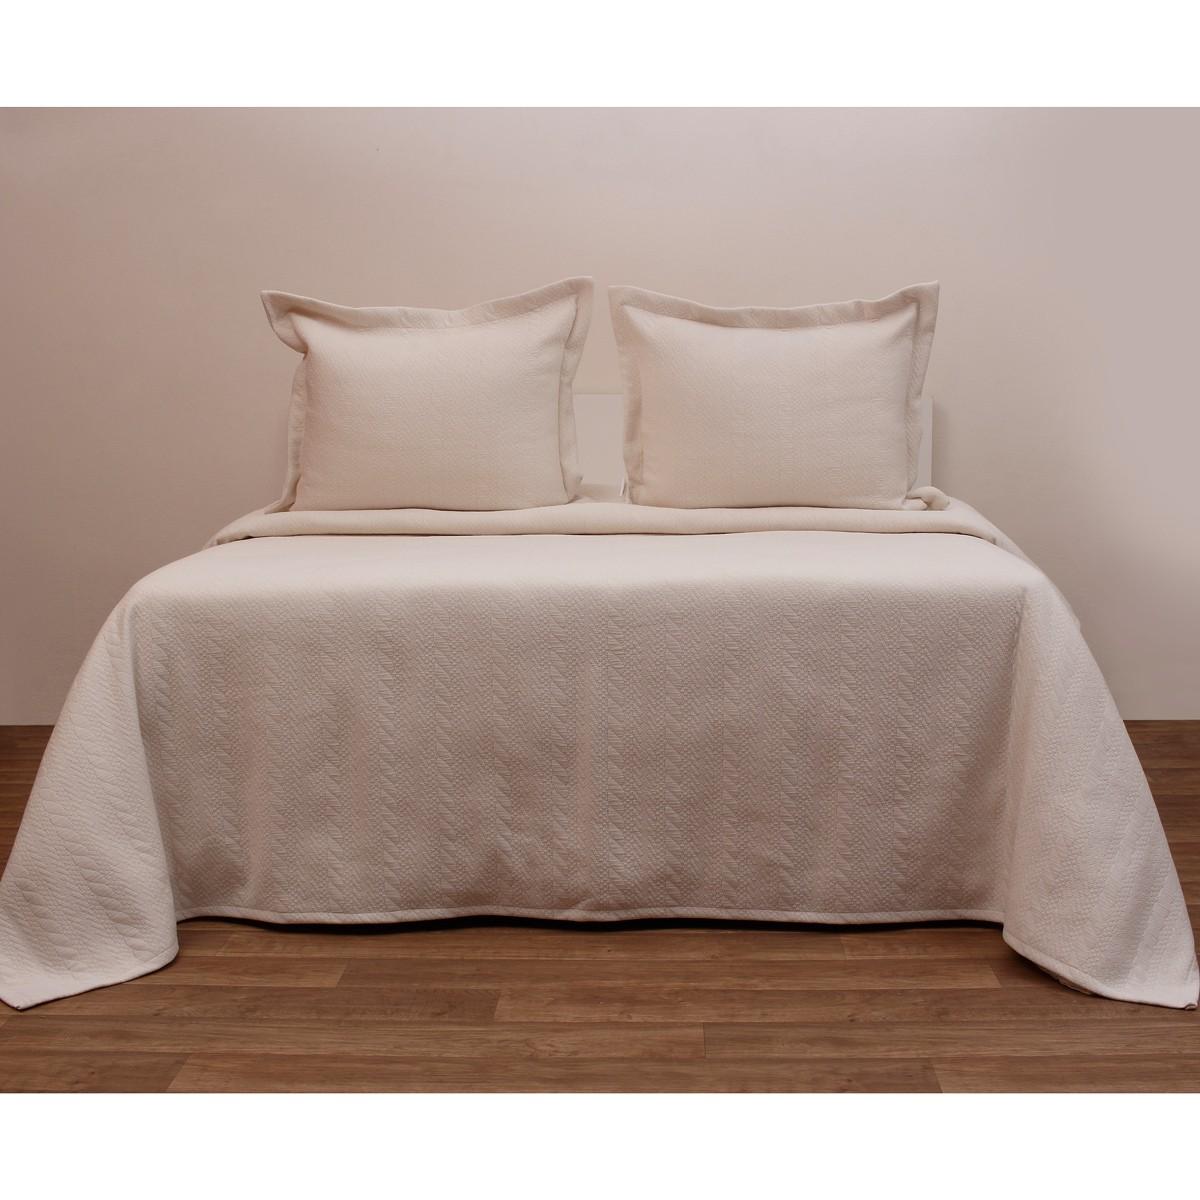 Κουβερτόριο Μονό Anna Riska Karen Ivory home   κρεβατοκάμαρα   κουβέρτες   κουβέρτες καλοκαιρινές μονές